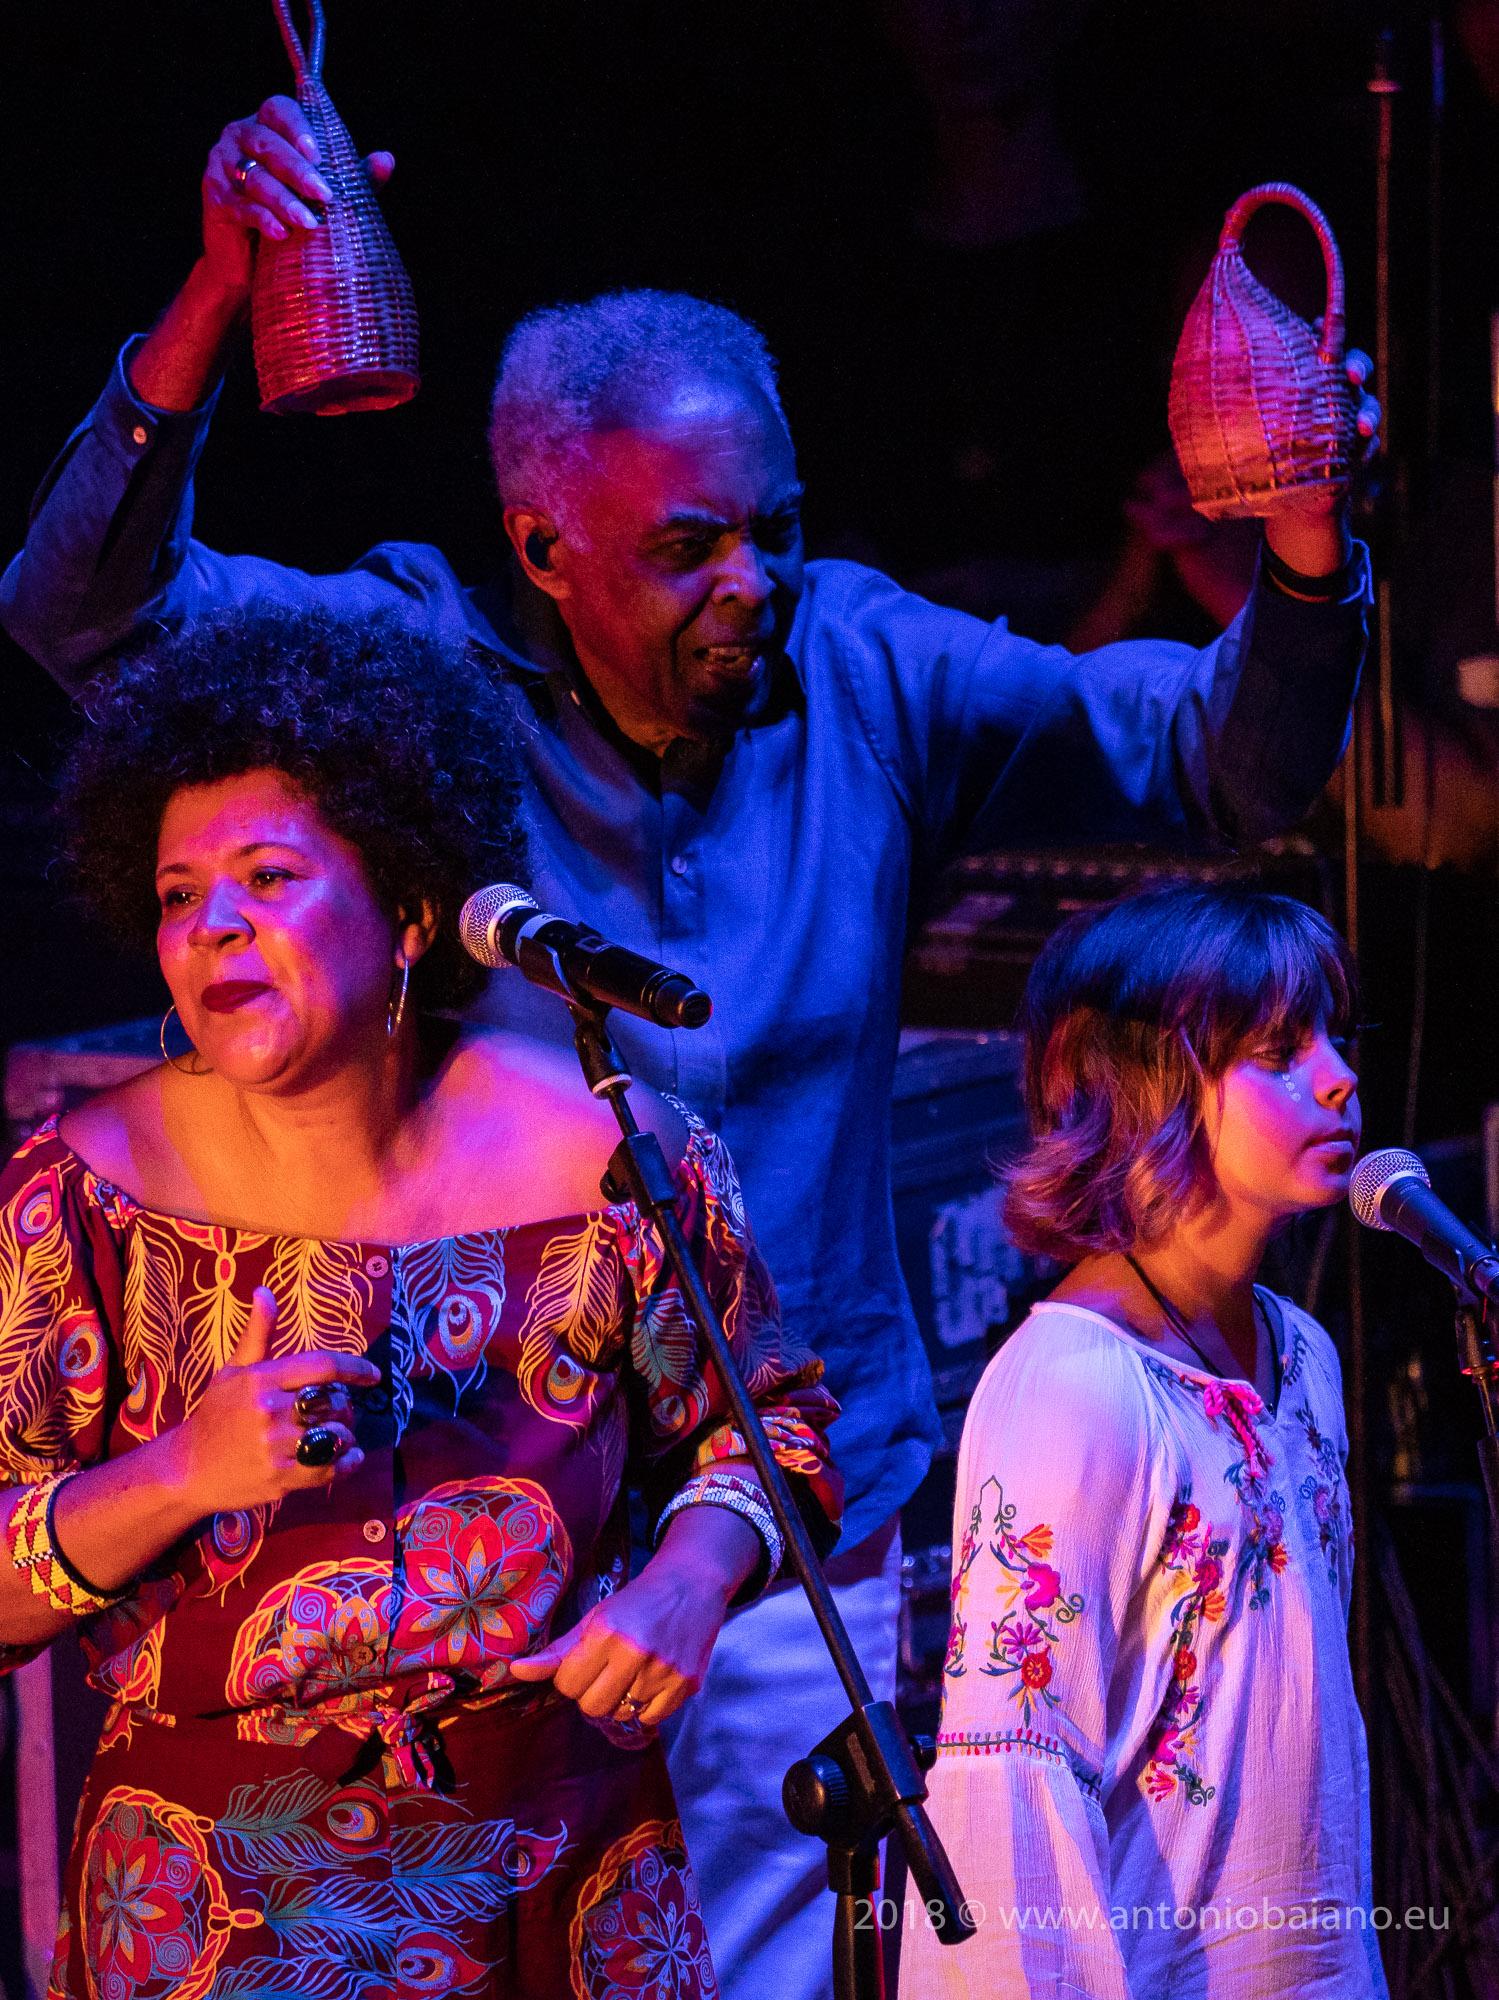 Gilberto Gil with Nara Gil, Flor Demasi - Refavela 40